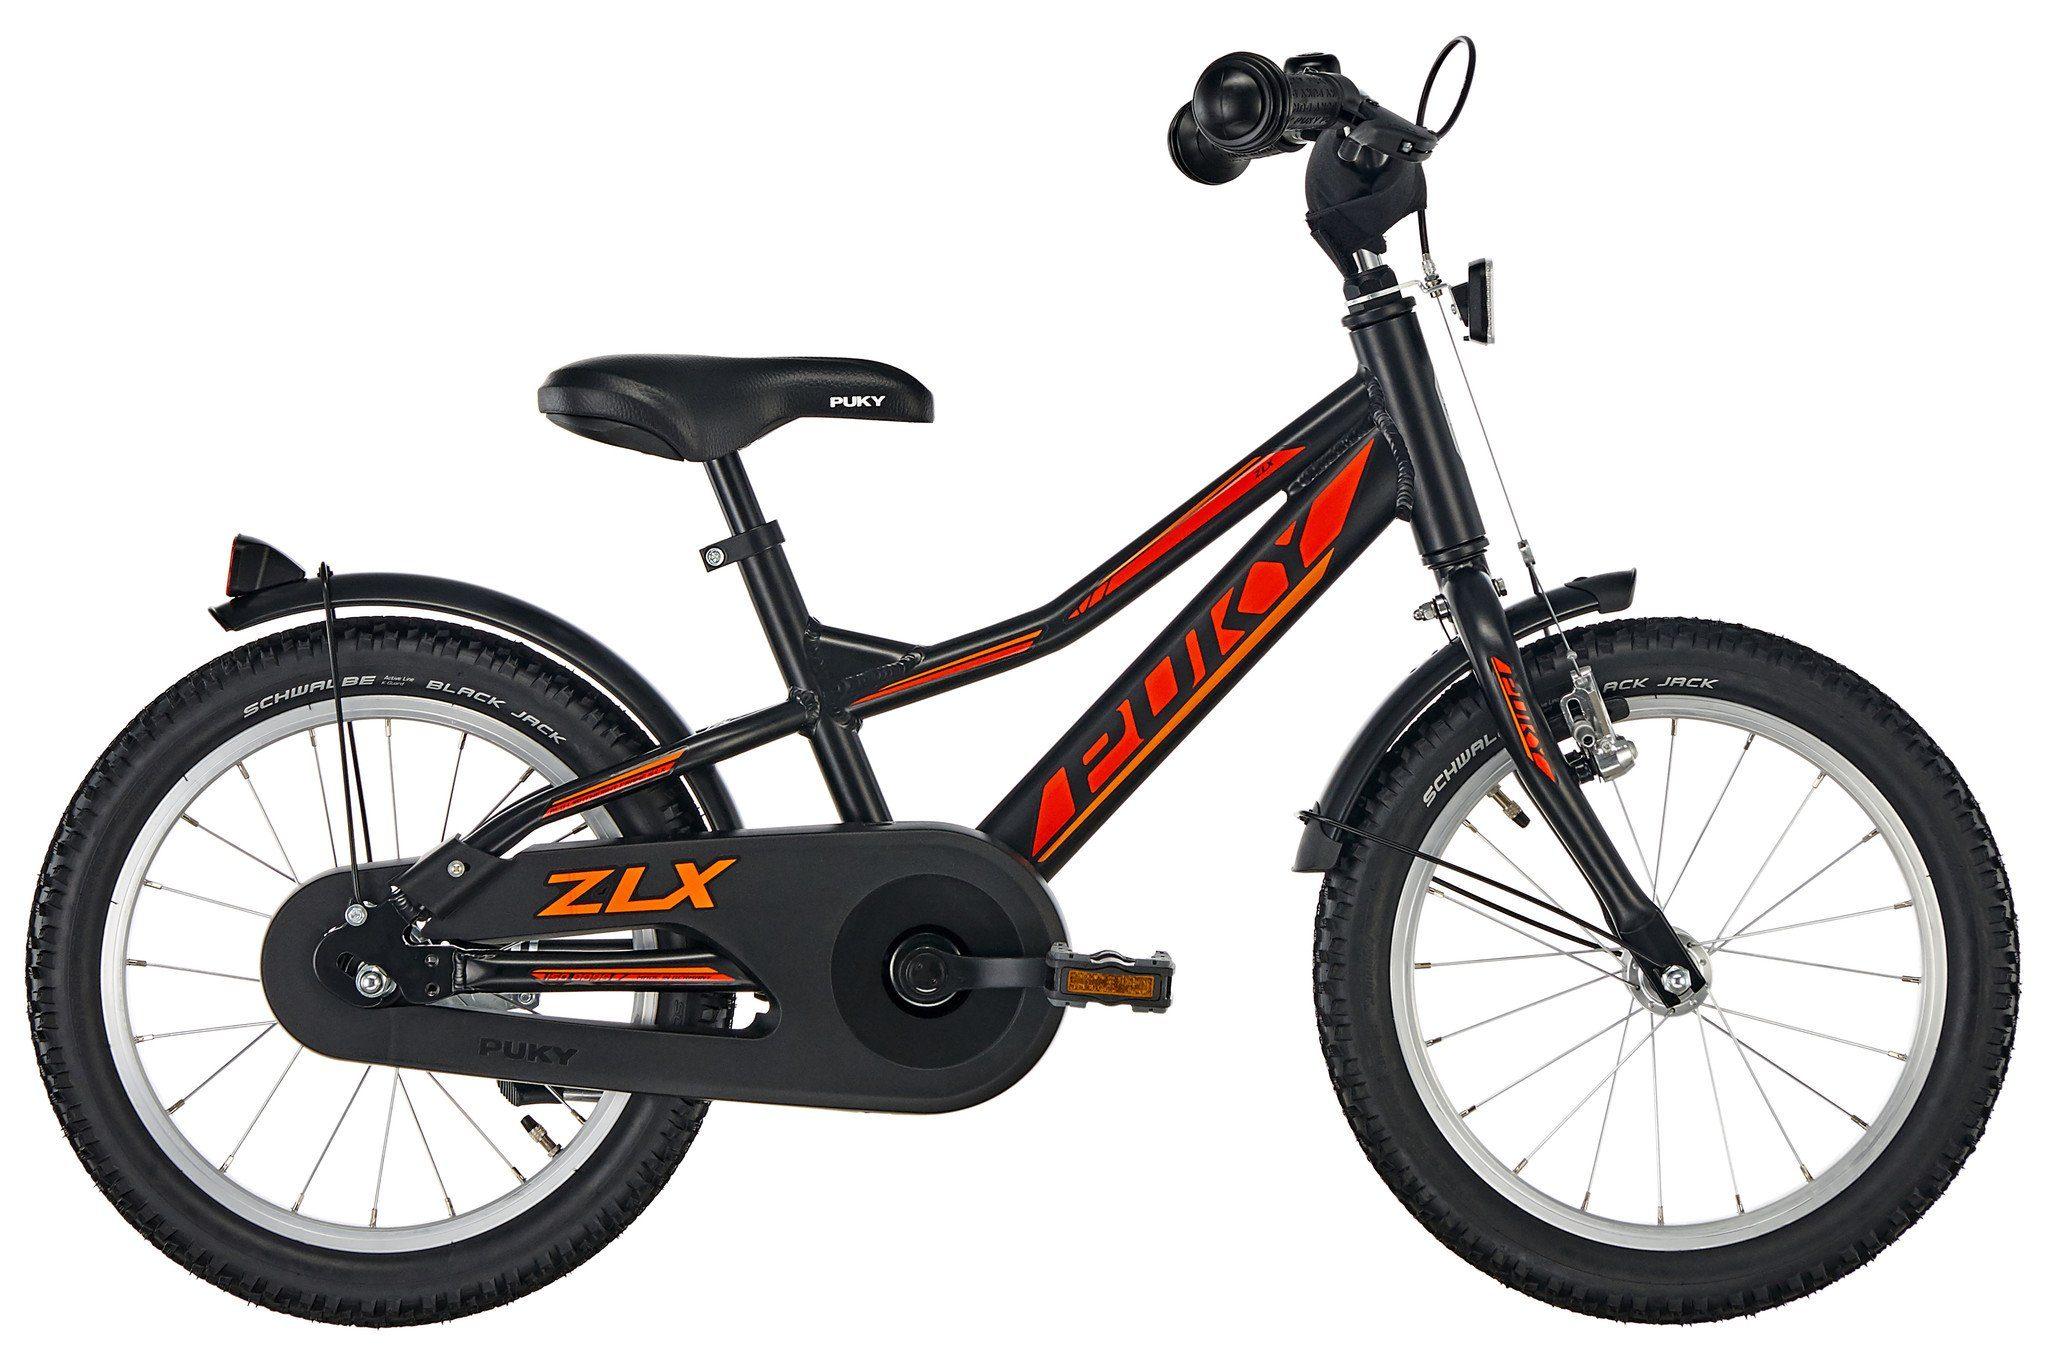 Puky Kinderrad »ZLX 16-1 Kinderfahrrad schwarz«